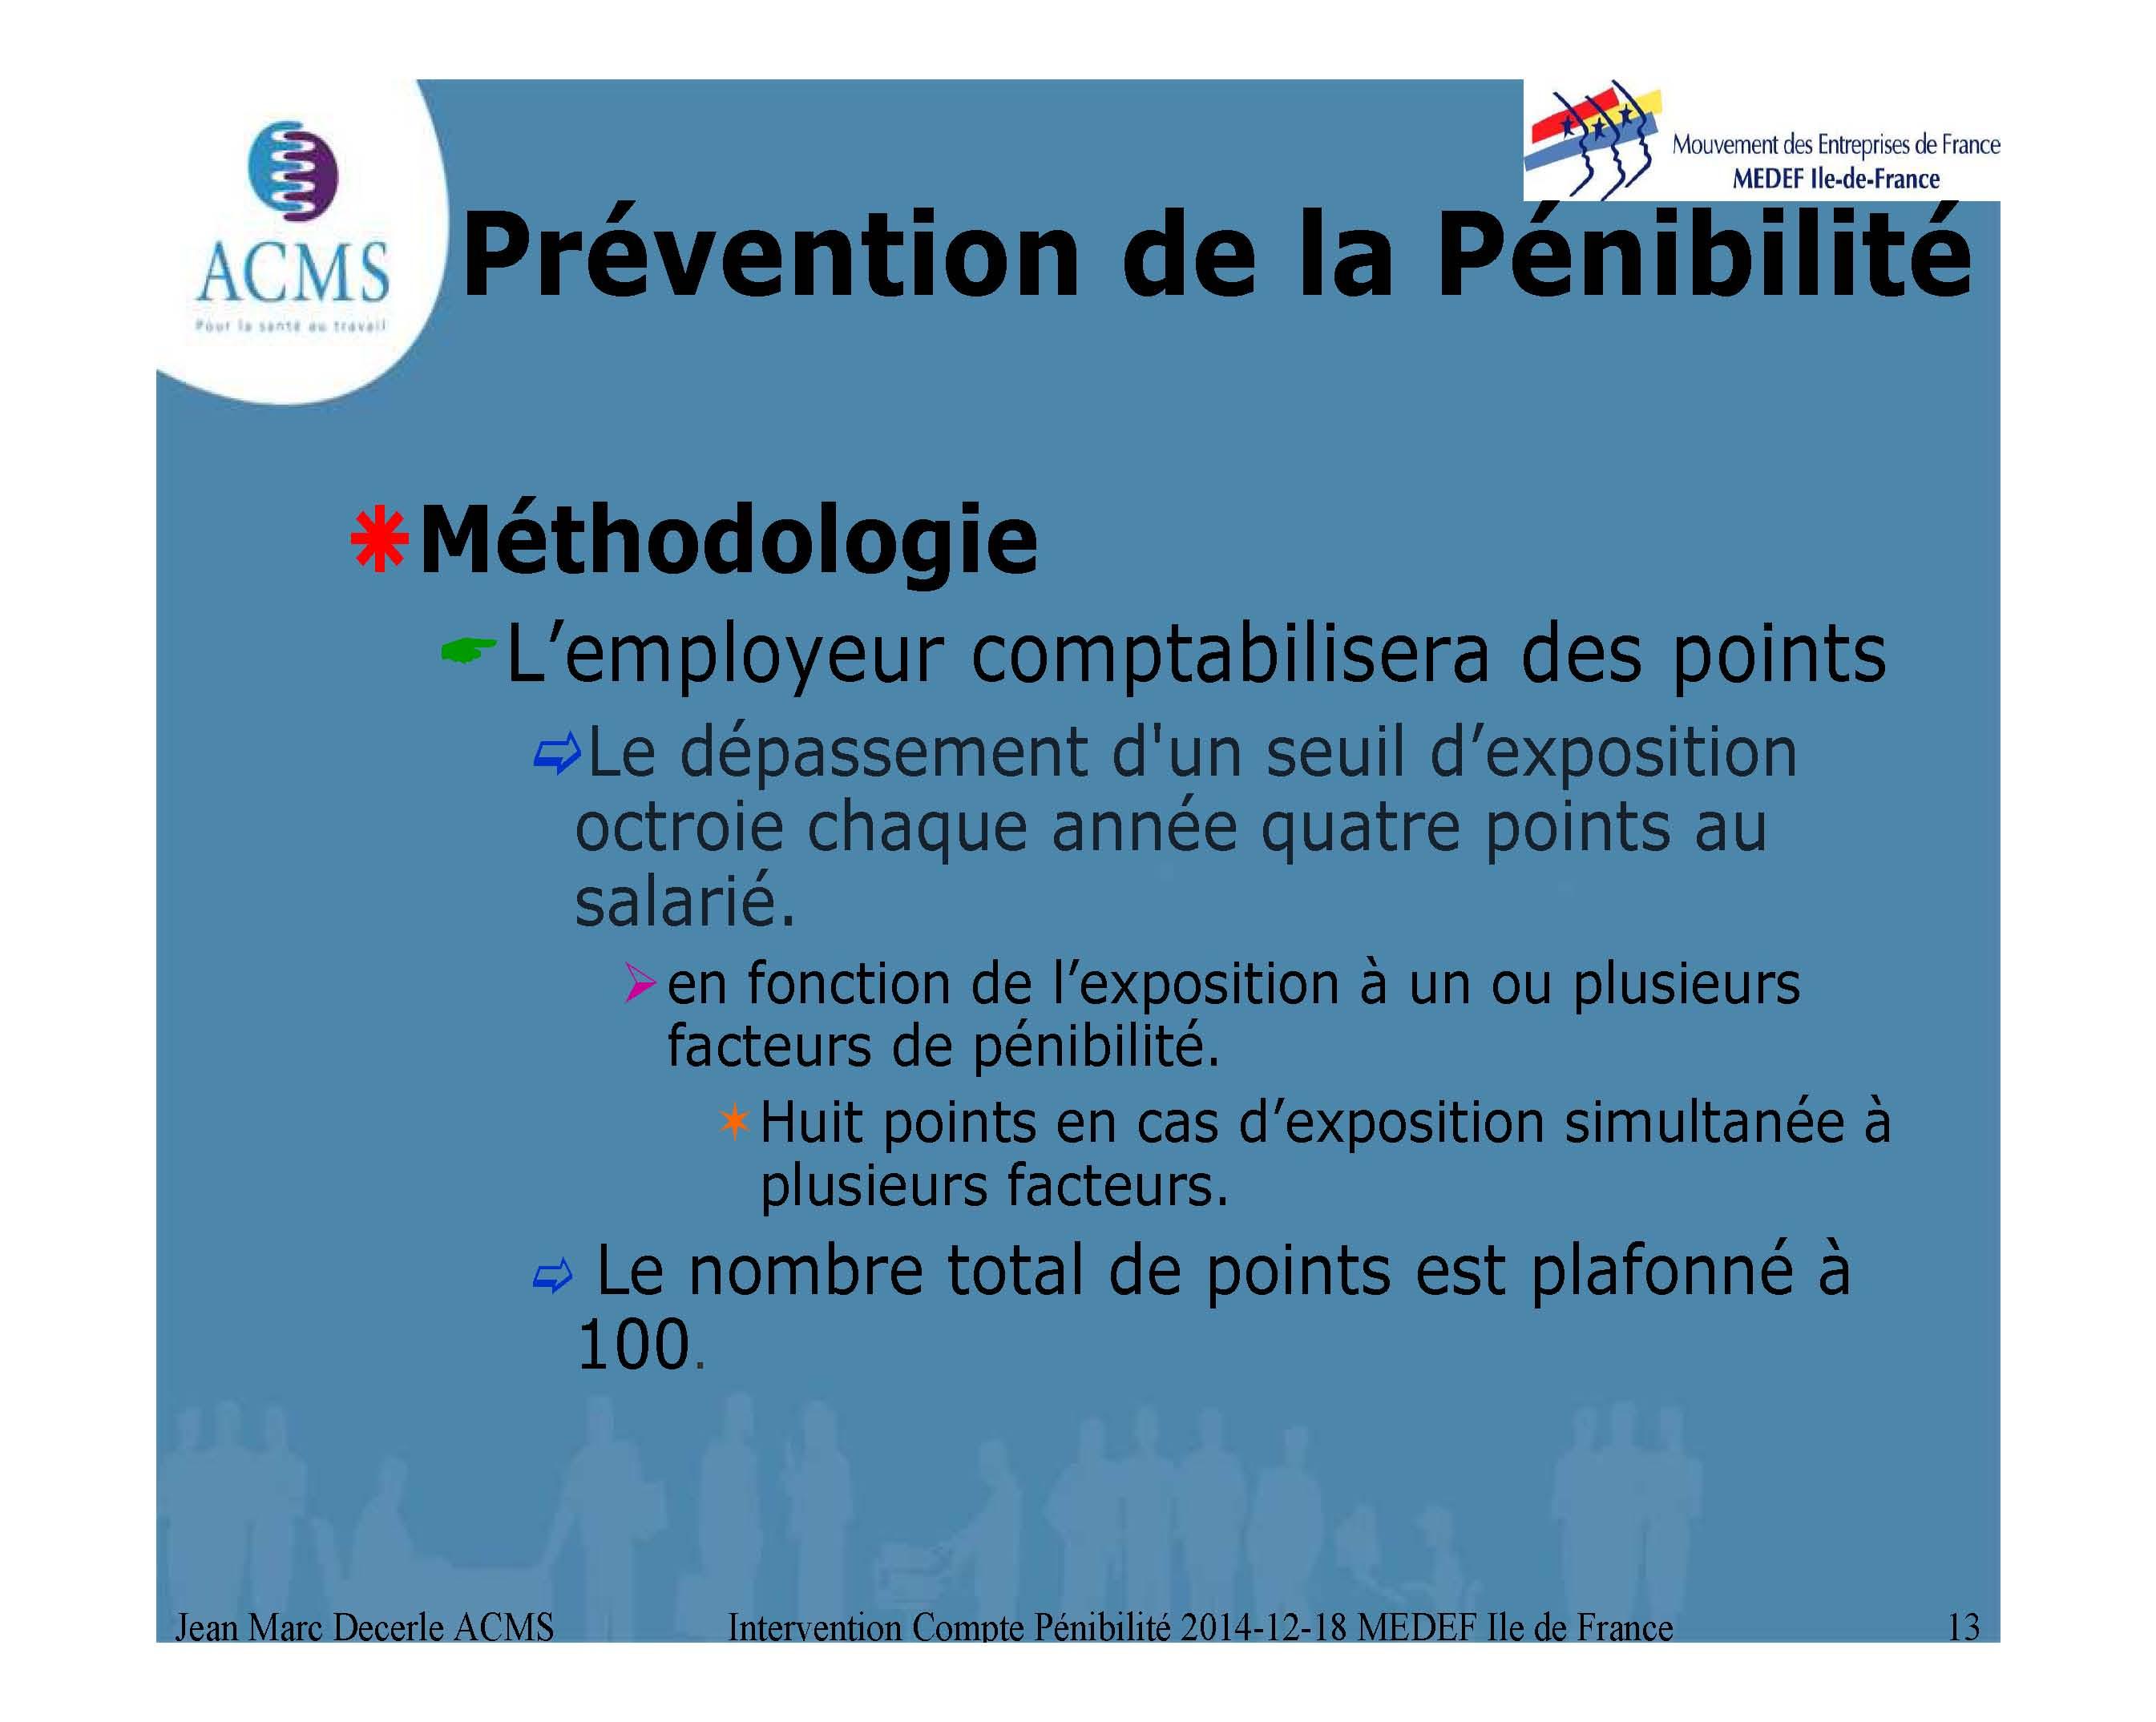 2014-12-18 Compte Pénibilite MEDEF Ile de France_Page_13